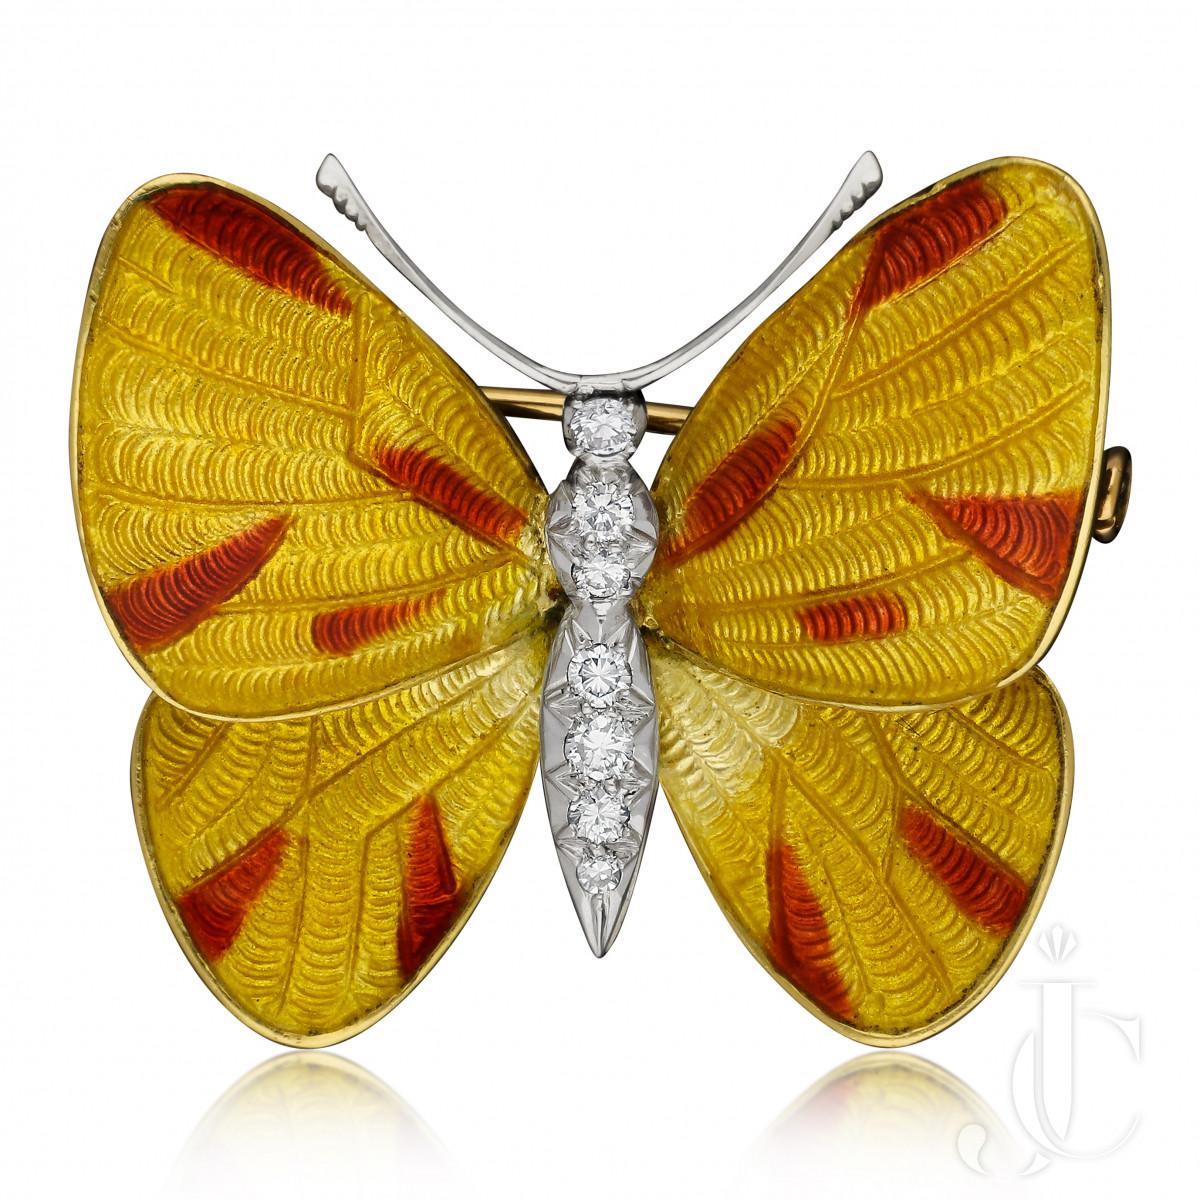 Boucheron Burtterfly prov: Earl Mountbatten